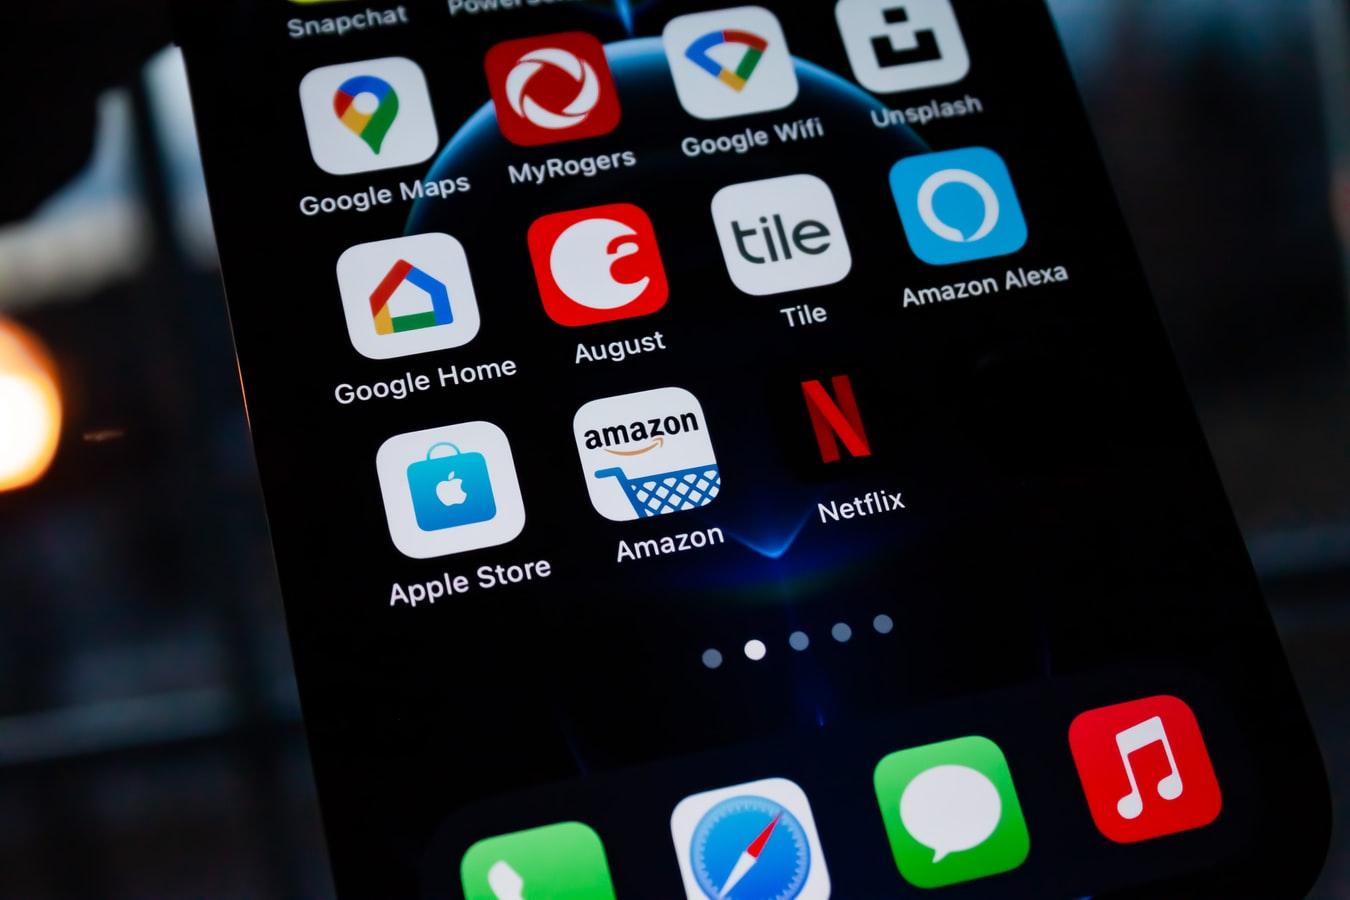 Mua hàng trên Amazon có rẻ hơn không ? Tại sao lại như vậy ?